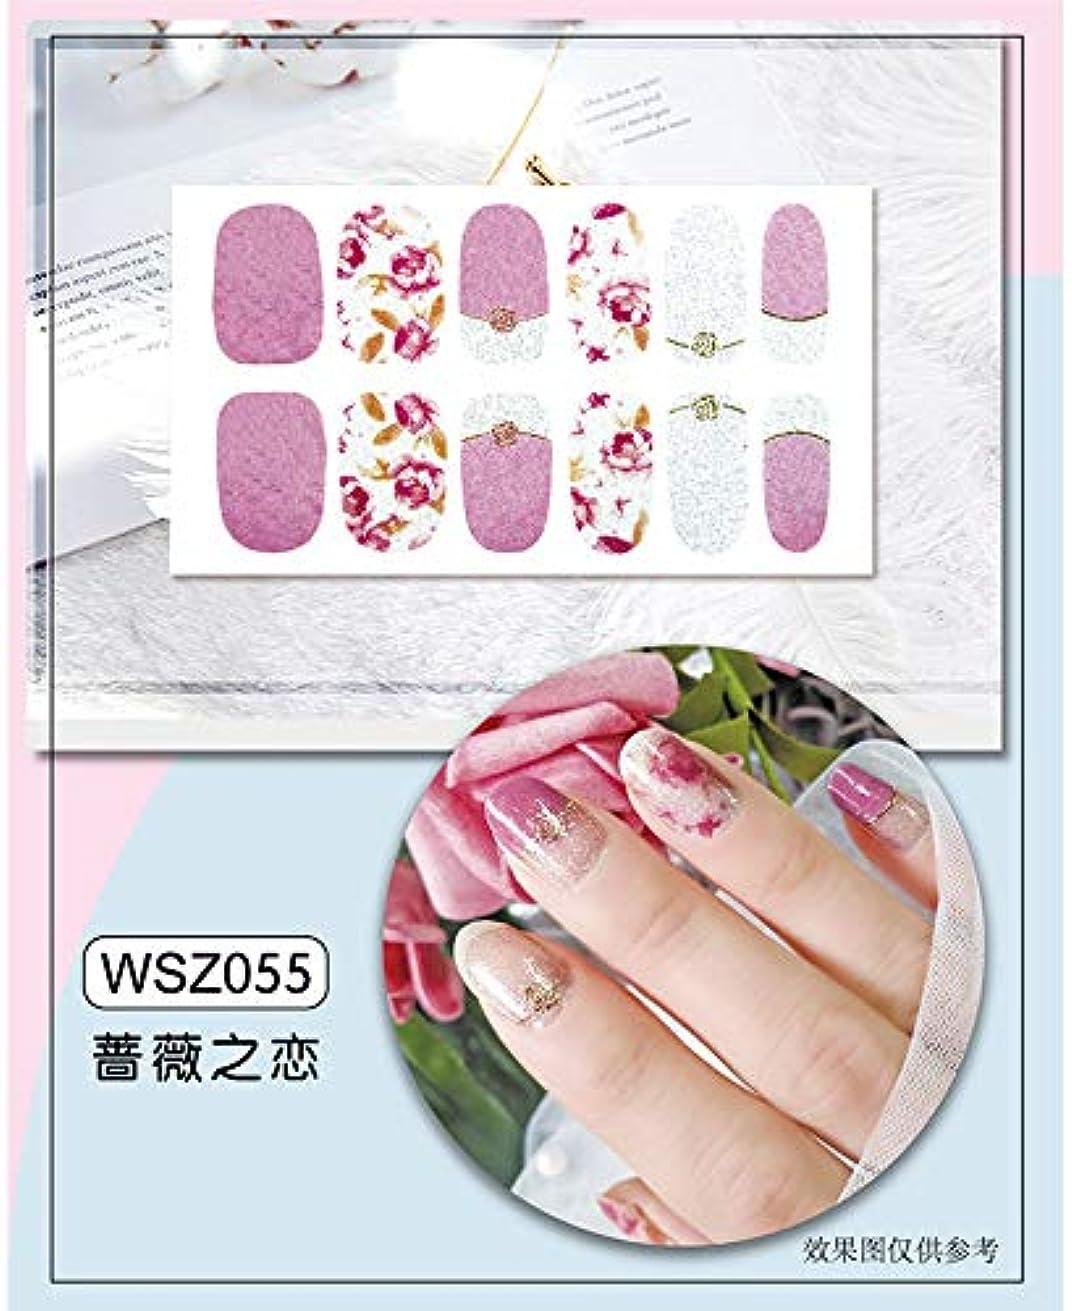 手を差し伸べるクラックポットパイプライン120ピース 貼るだけマニキュア ネイルシール ネイルステッカー ピンク 女性 レディースプレゼント ギフト …